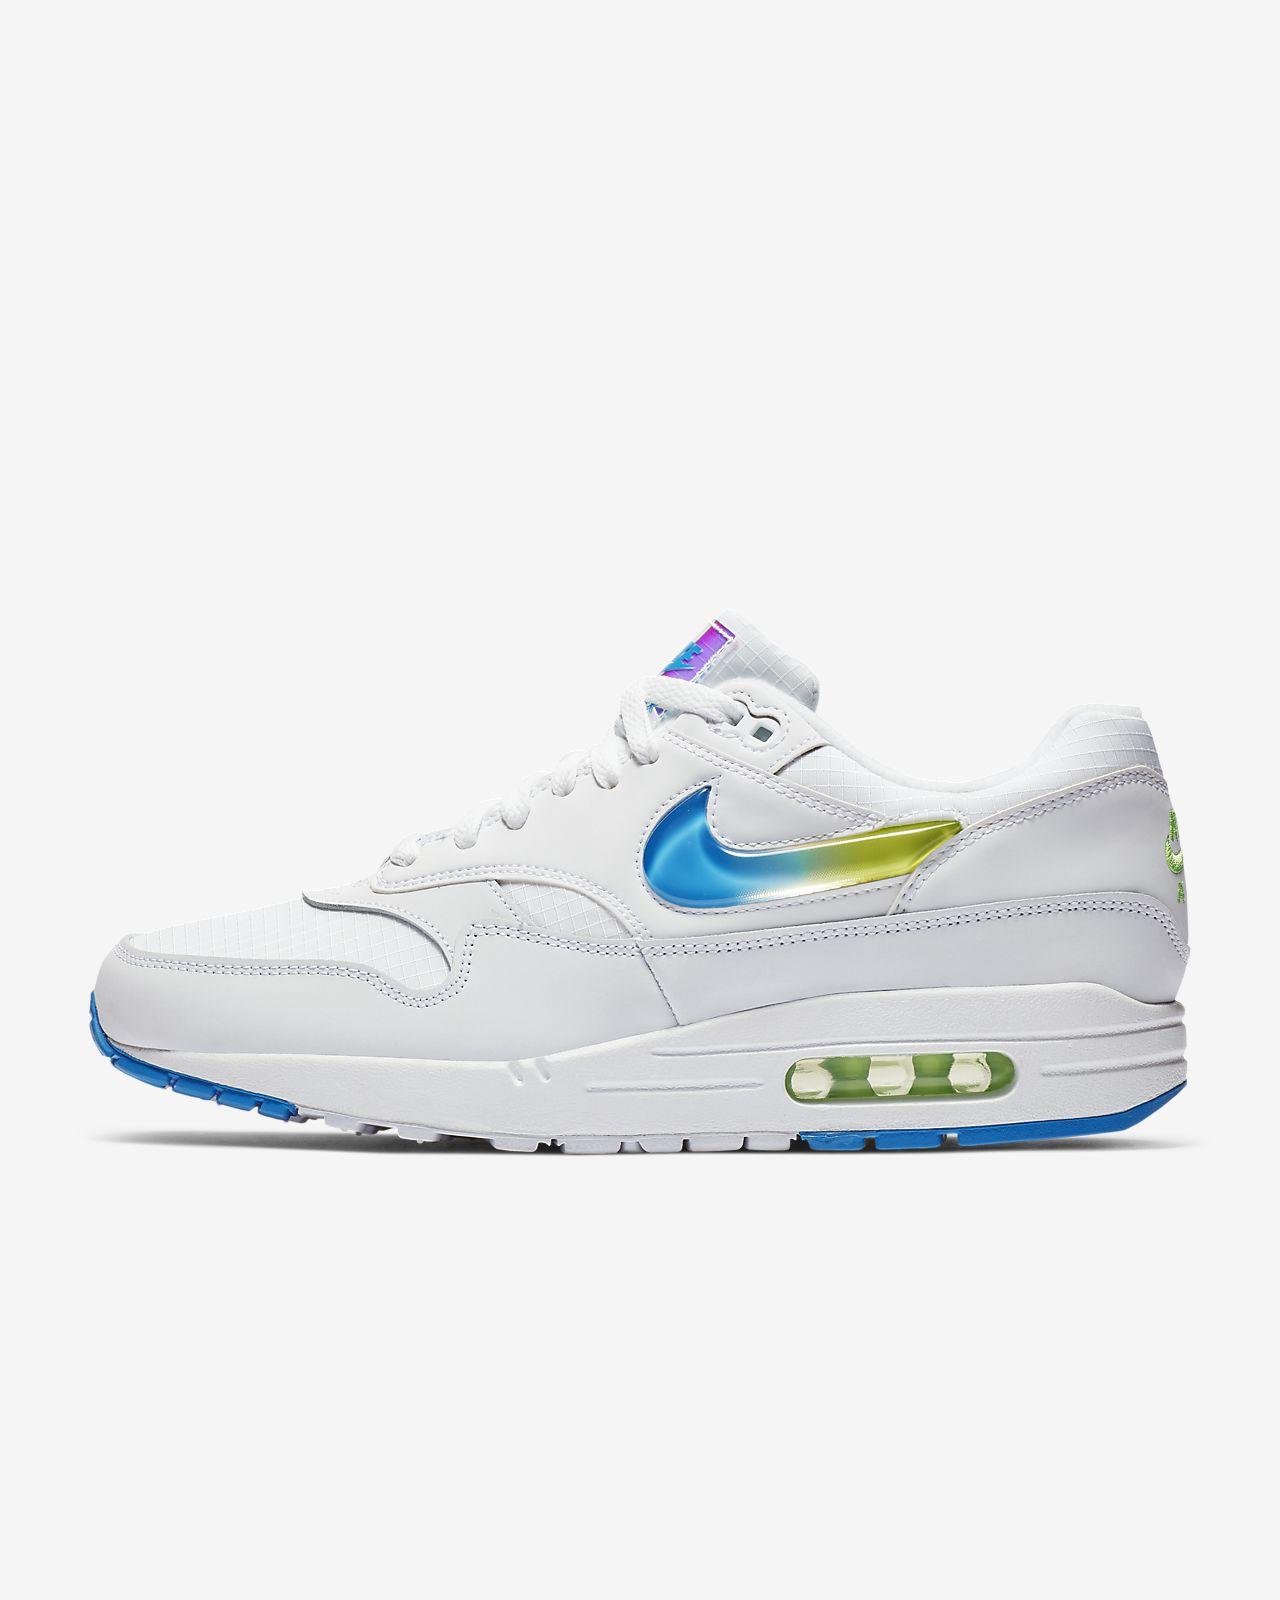 รองเท้าผู้ชาย Nike Air Max 1 SE